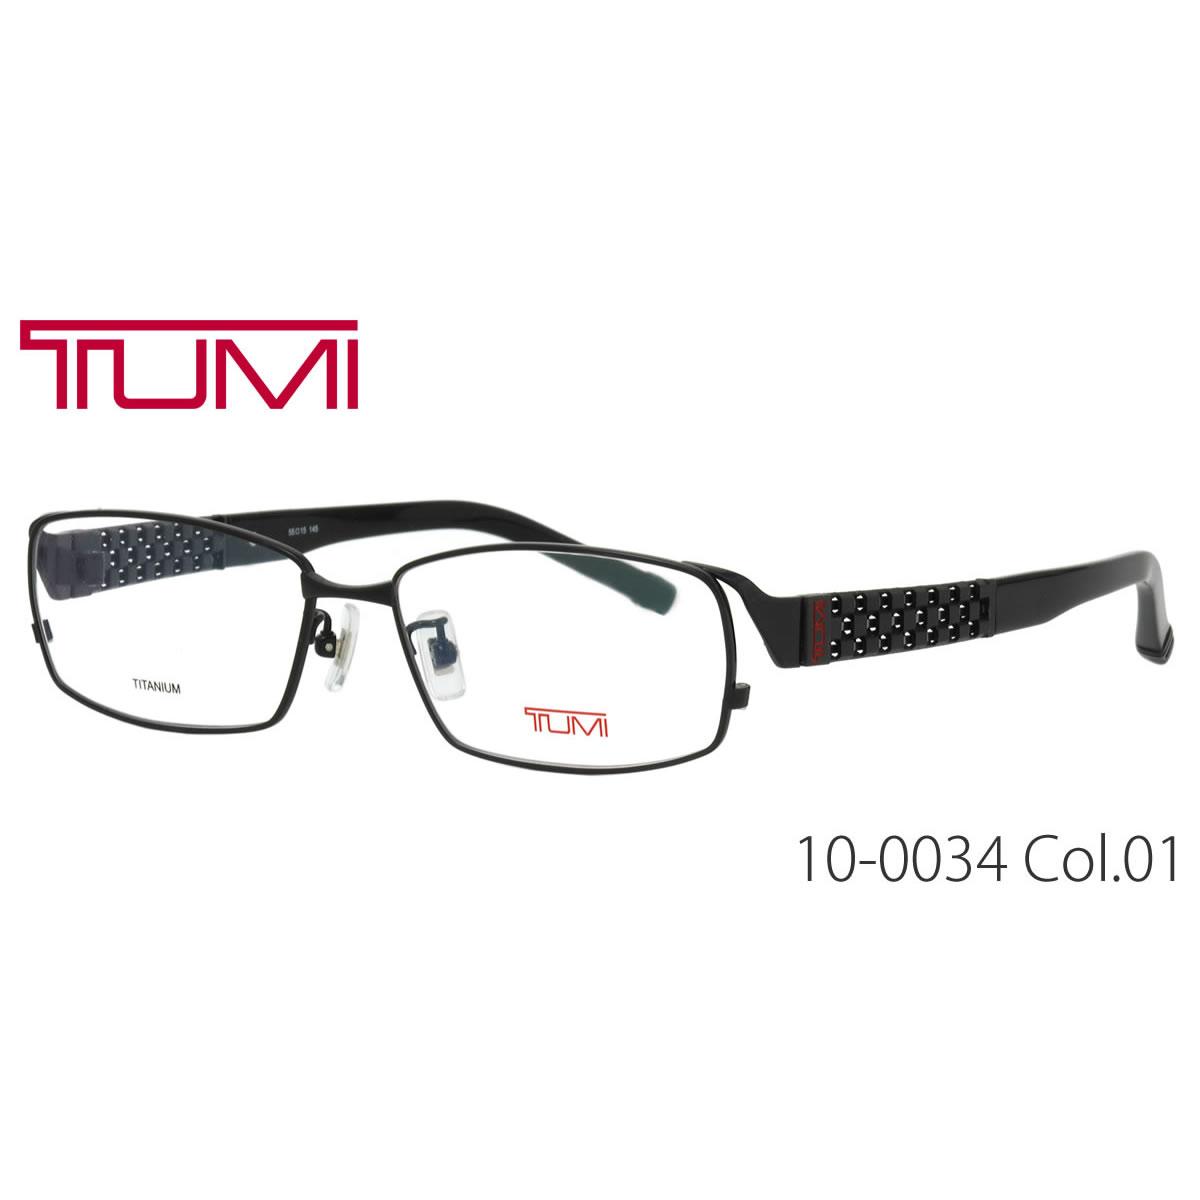 【10月30日からエントリーで全品ポイント20倍】トゥミ メガネ 10-0034 01 55サイズ TUMI ビジネスバッグで人気のブランド メンズ